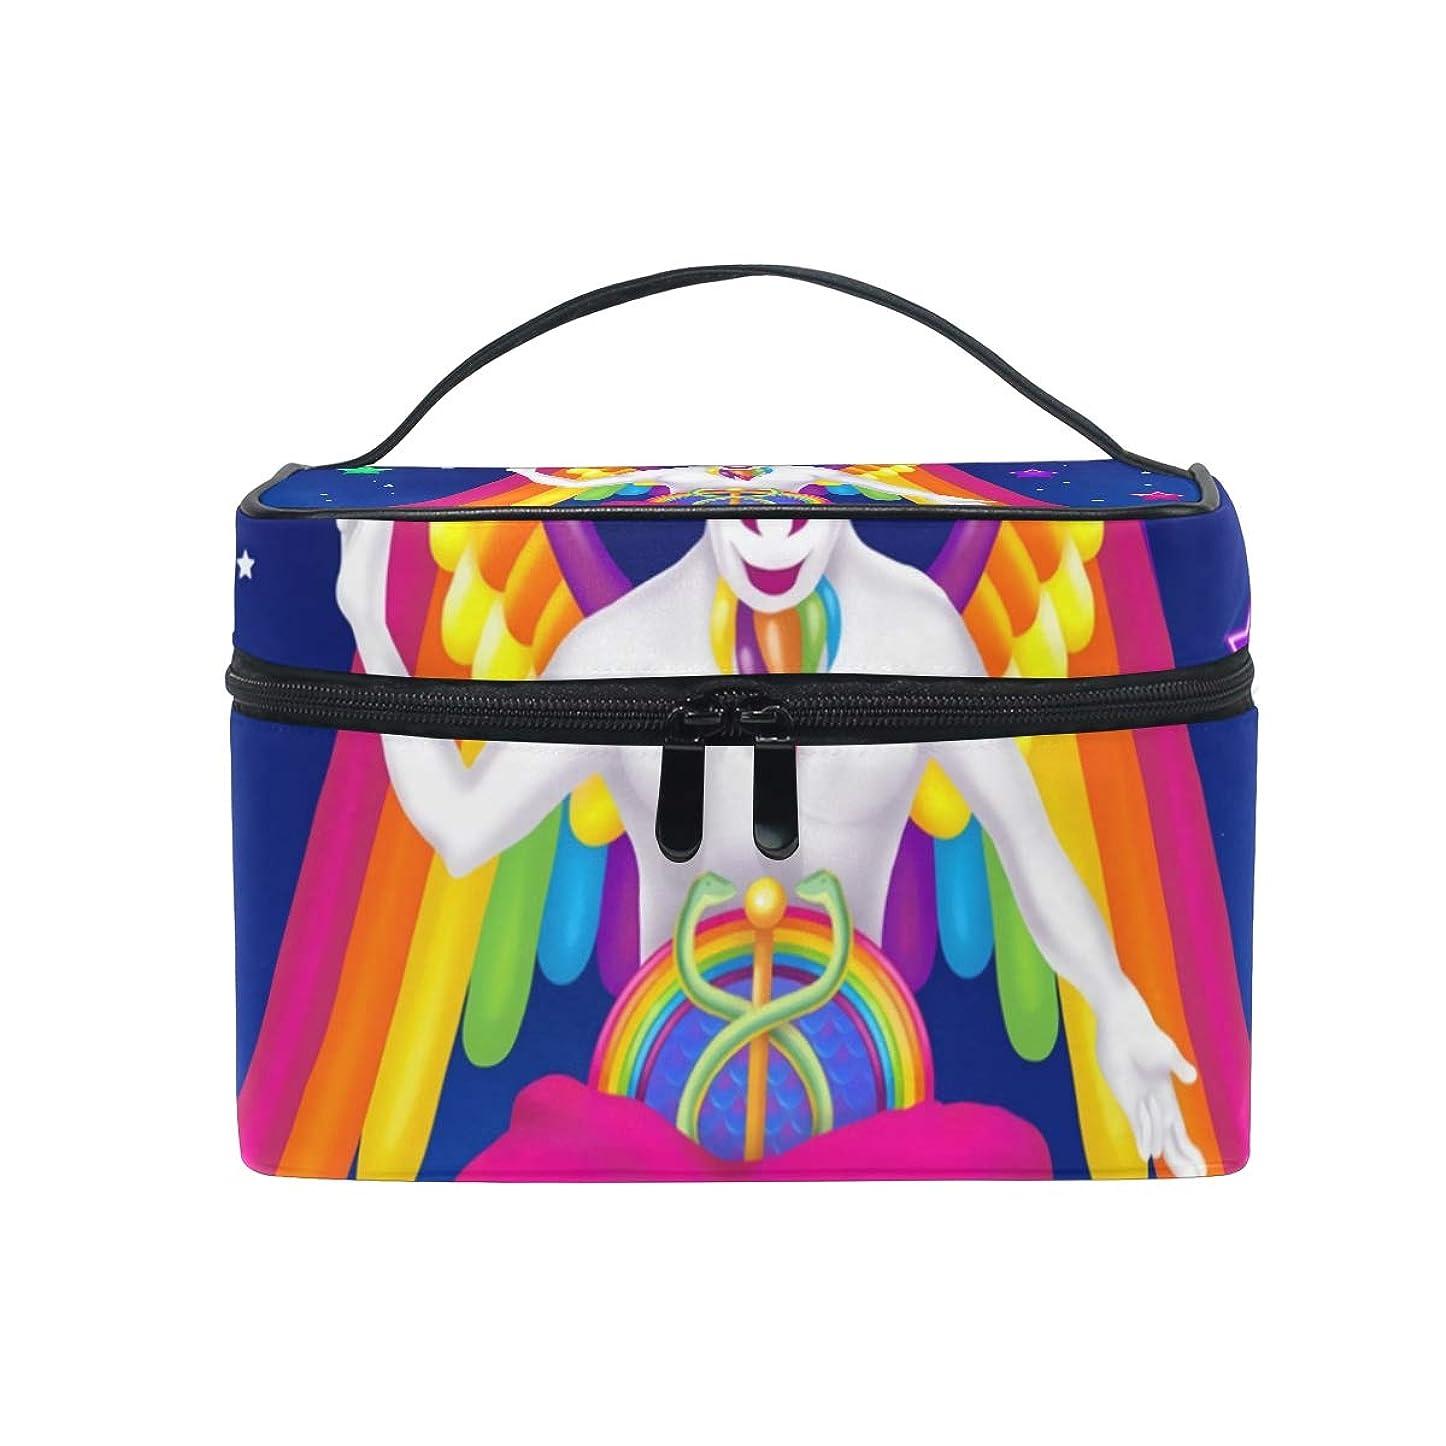 証明書ぞっとするようなディレクターメイクボックス 多彩な悪魔柄 化粧ポーチ 化粧品 化粧道具 小物入れ メイクブラシバッグ 大容量 旅行用 収納ケース